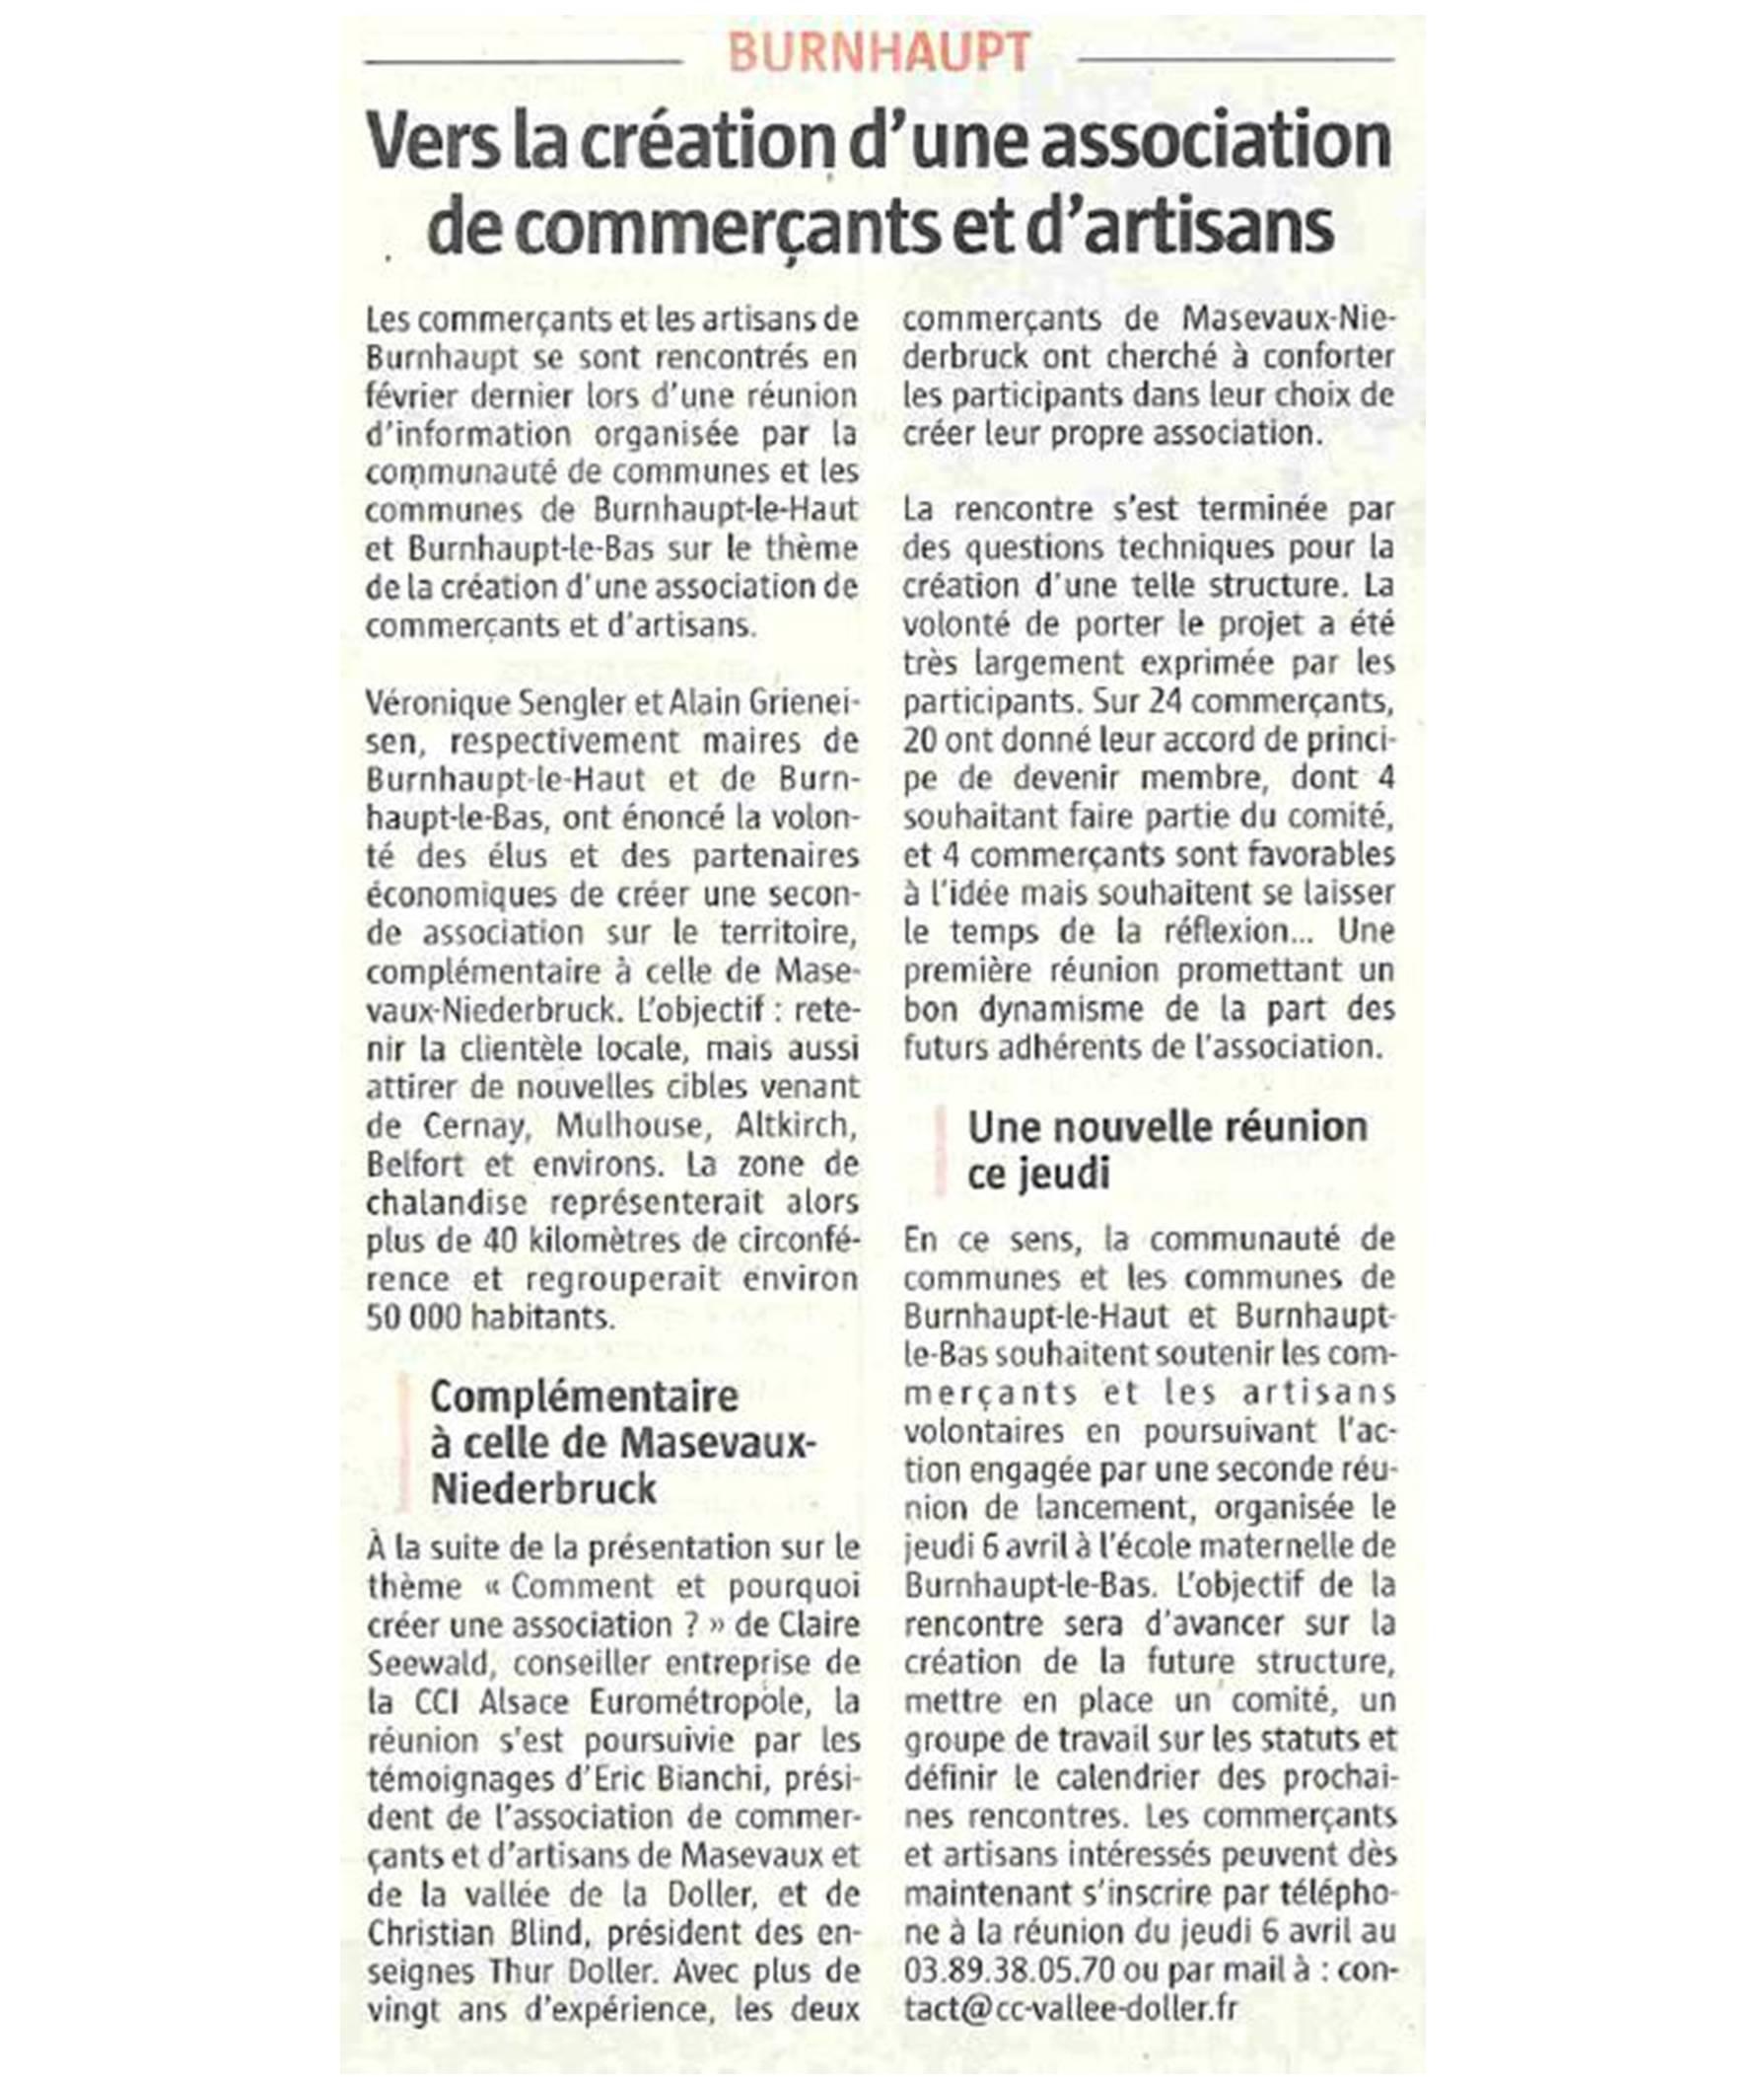 Vers la création d'une association de commerçants et d'artisans - L'Alsace (04-04-2017) (2)